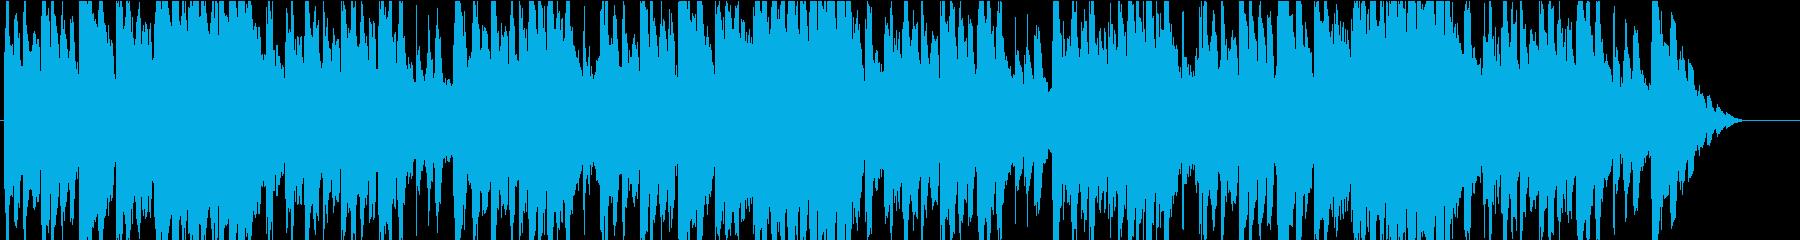 コミカルで不思議なハロウィン曲の再生済みの波形